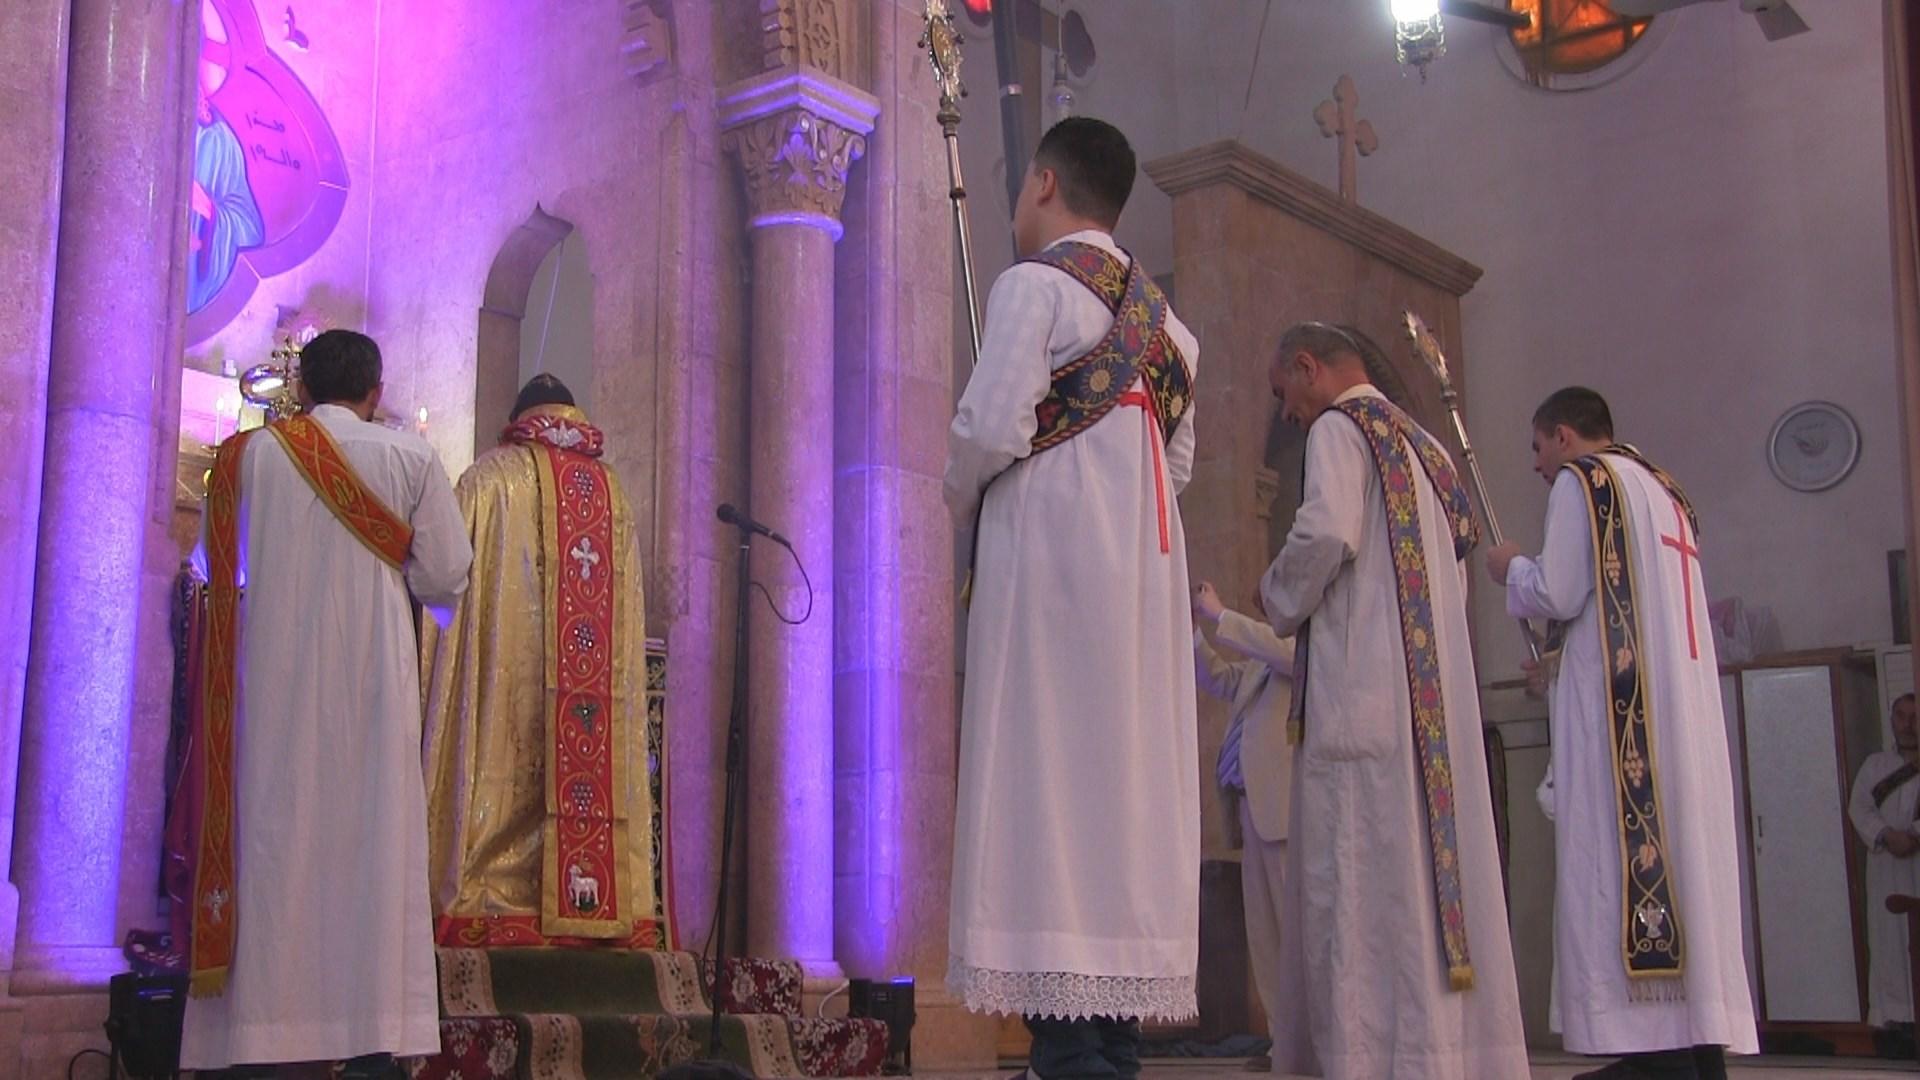 عيد قيامة بلا مصلين .. كورونا يفرض نفسه على أجواء عيد الفصح في الحسكة